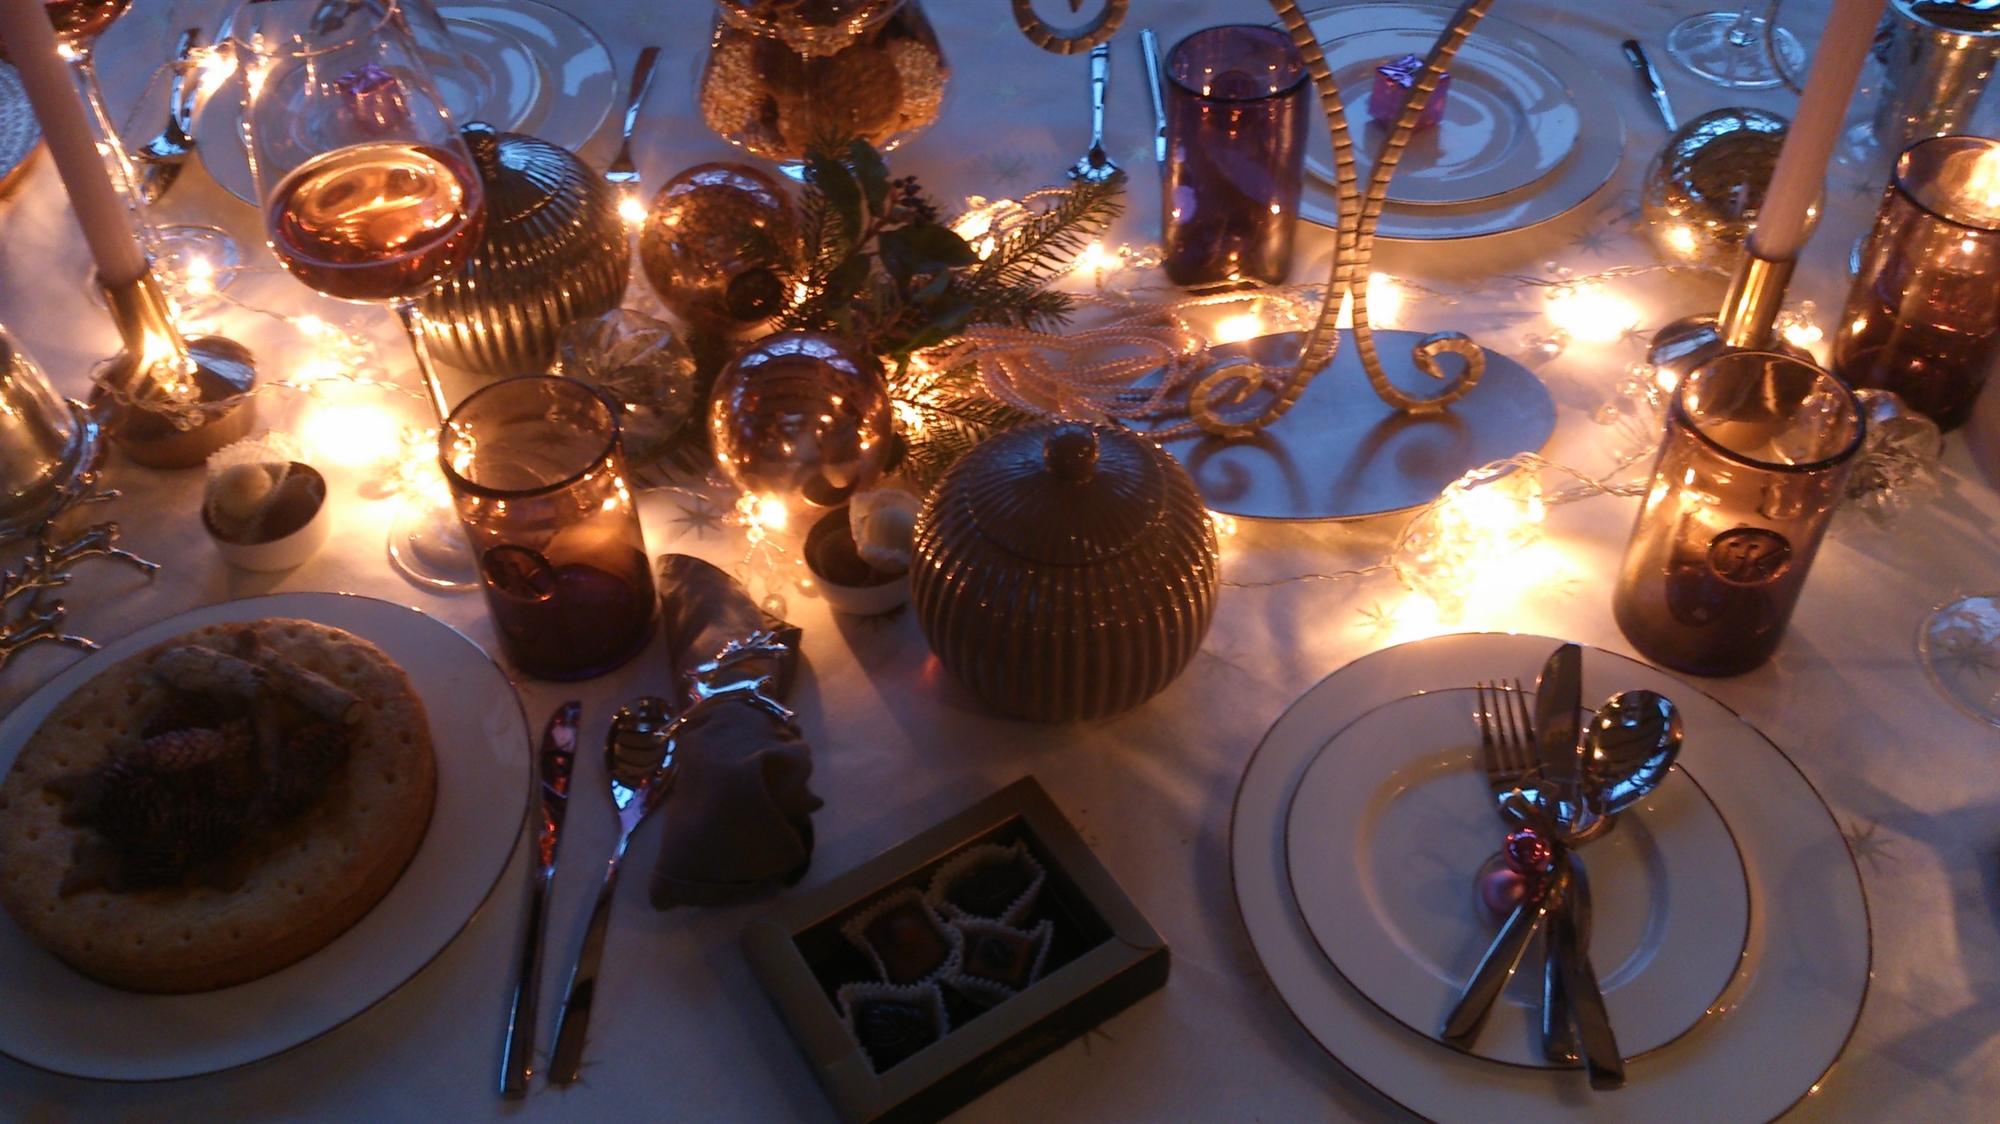 18 Staffagepl wigilijny stol pomysly na jadalnie swiateczne aranzacje chrstmas table settings ideas interior design winter flowers tableware